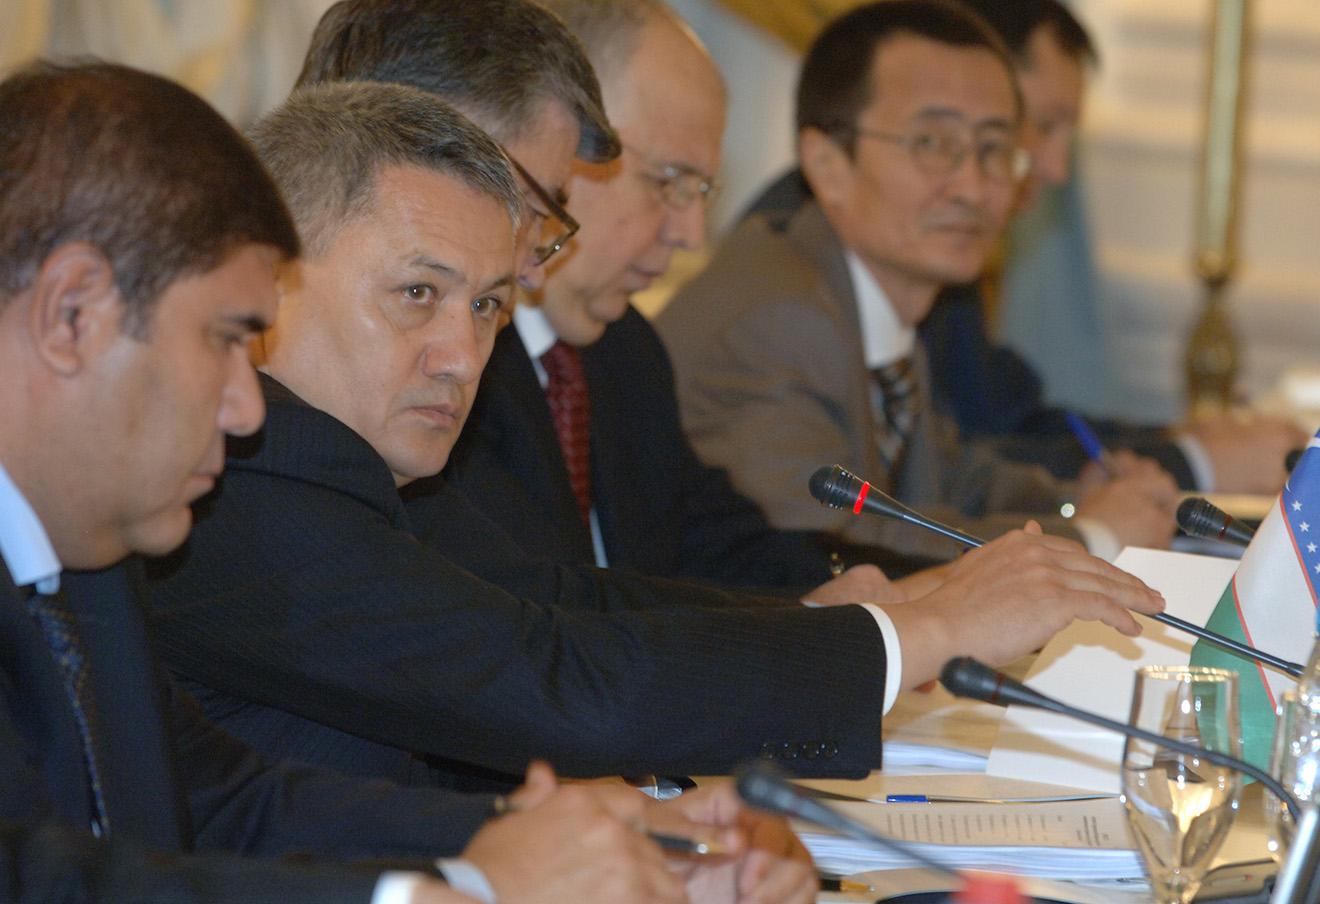 Рустам Азимов (второй слева). Фото: Александр Саверкин / ТАСС / Архив